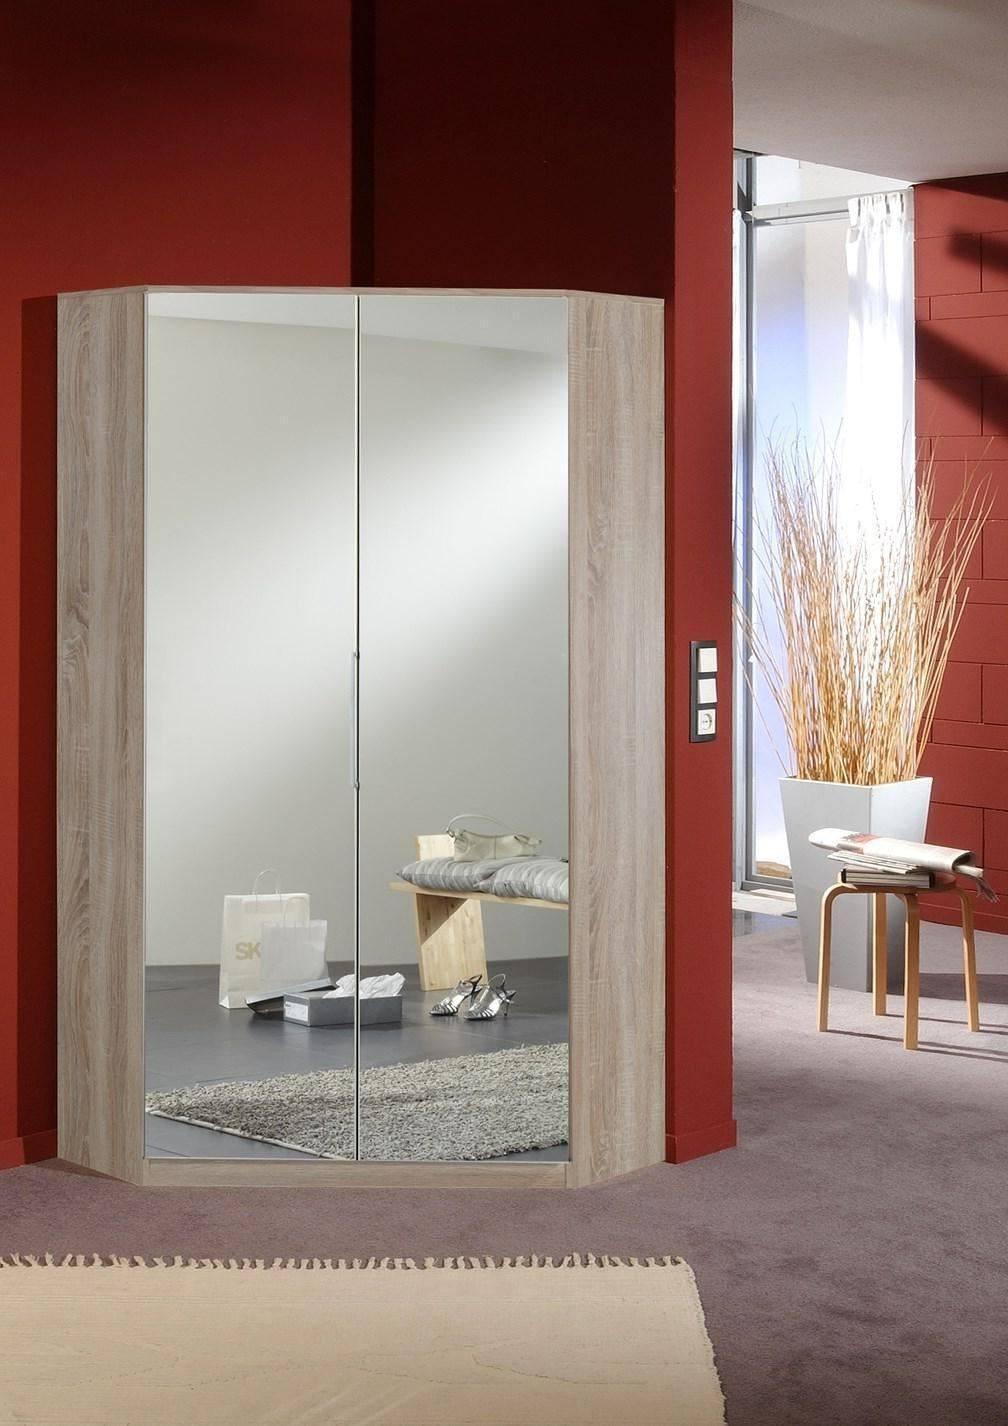 German 2 Door Mirror & Oak Corner Wardrobe With Shelves And With Corner Mirrored Wardrobes (View 6 of 15)